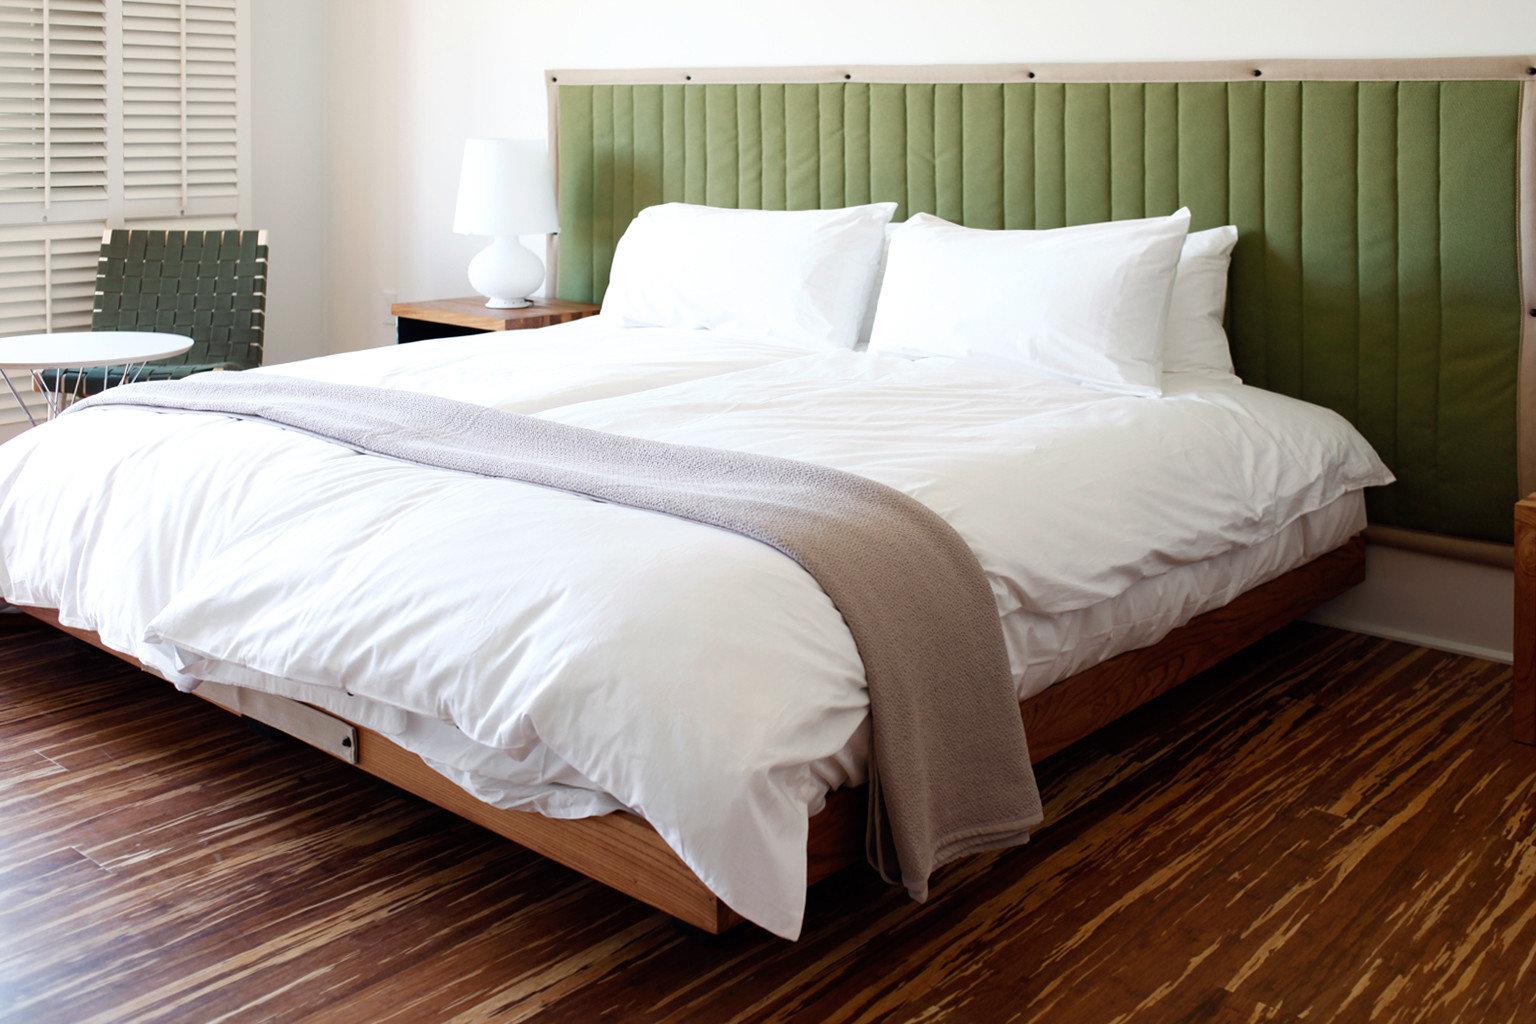 Bedroom Hip Modern wooden white bed frame bed sheet hardwood duvet cover Suite pillow cottage